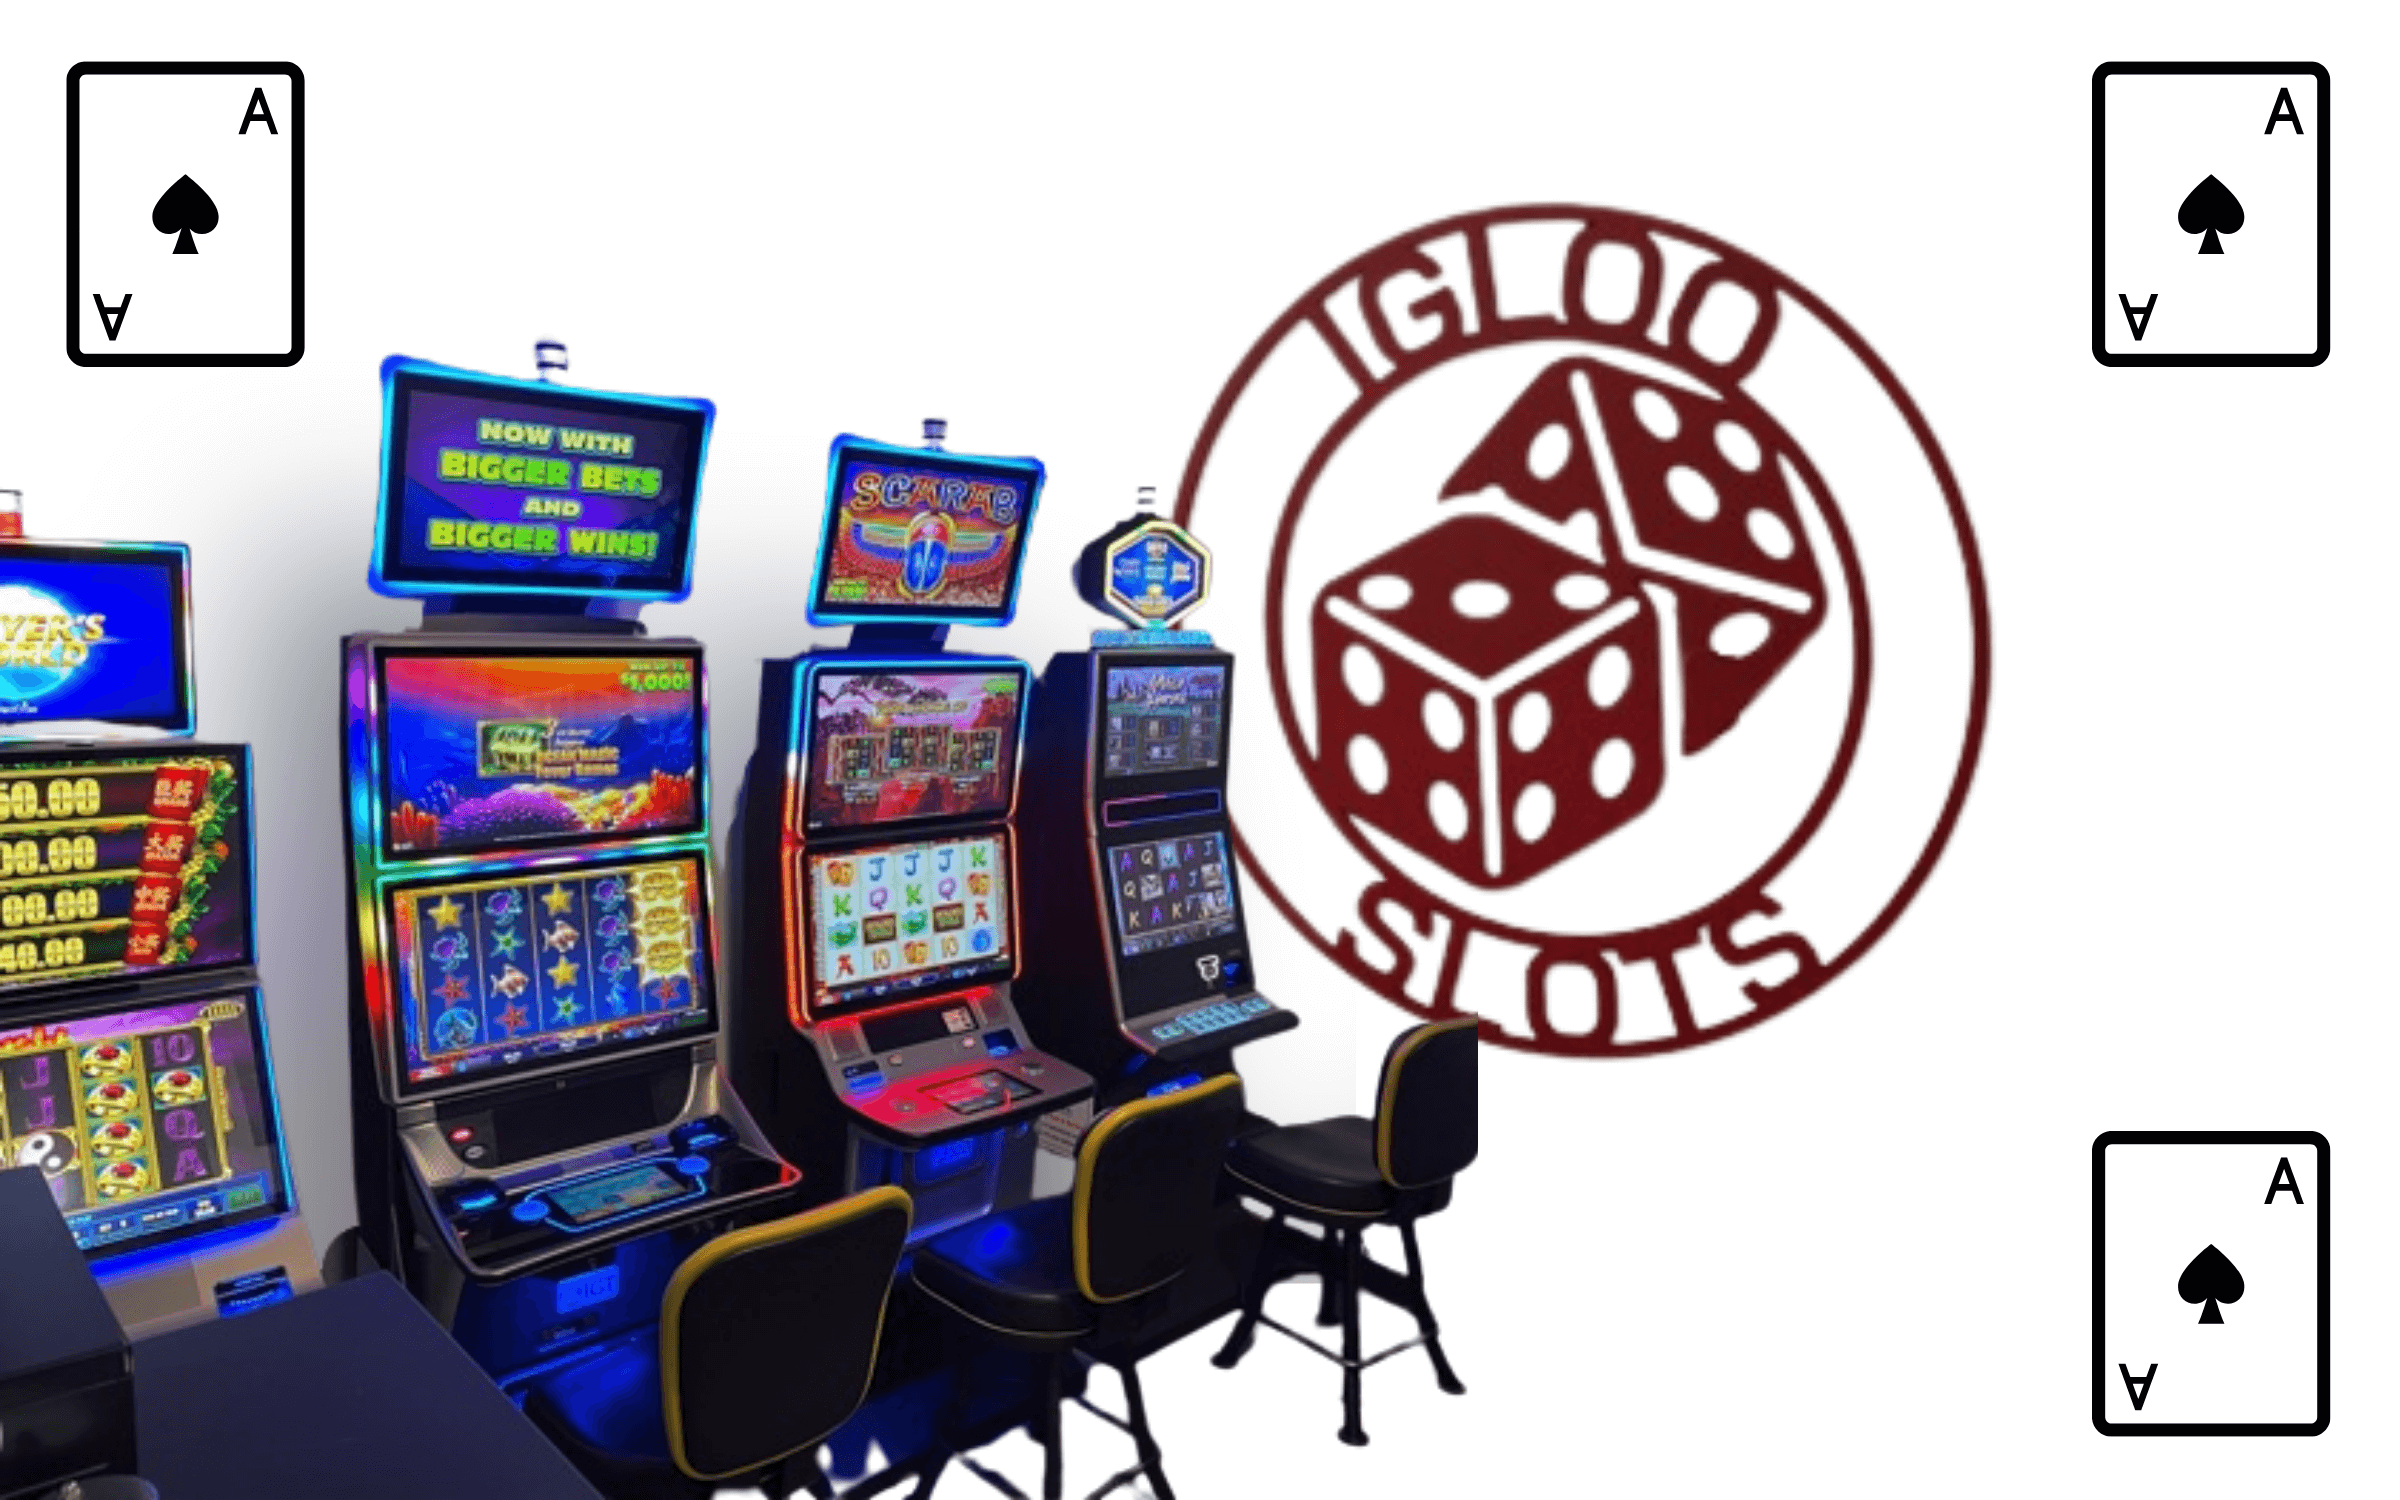 Igloo slots